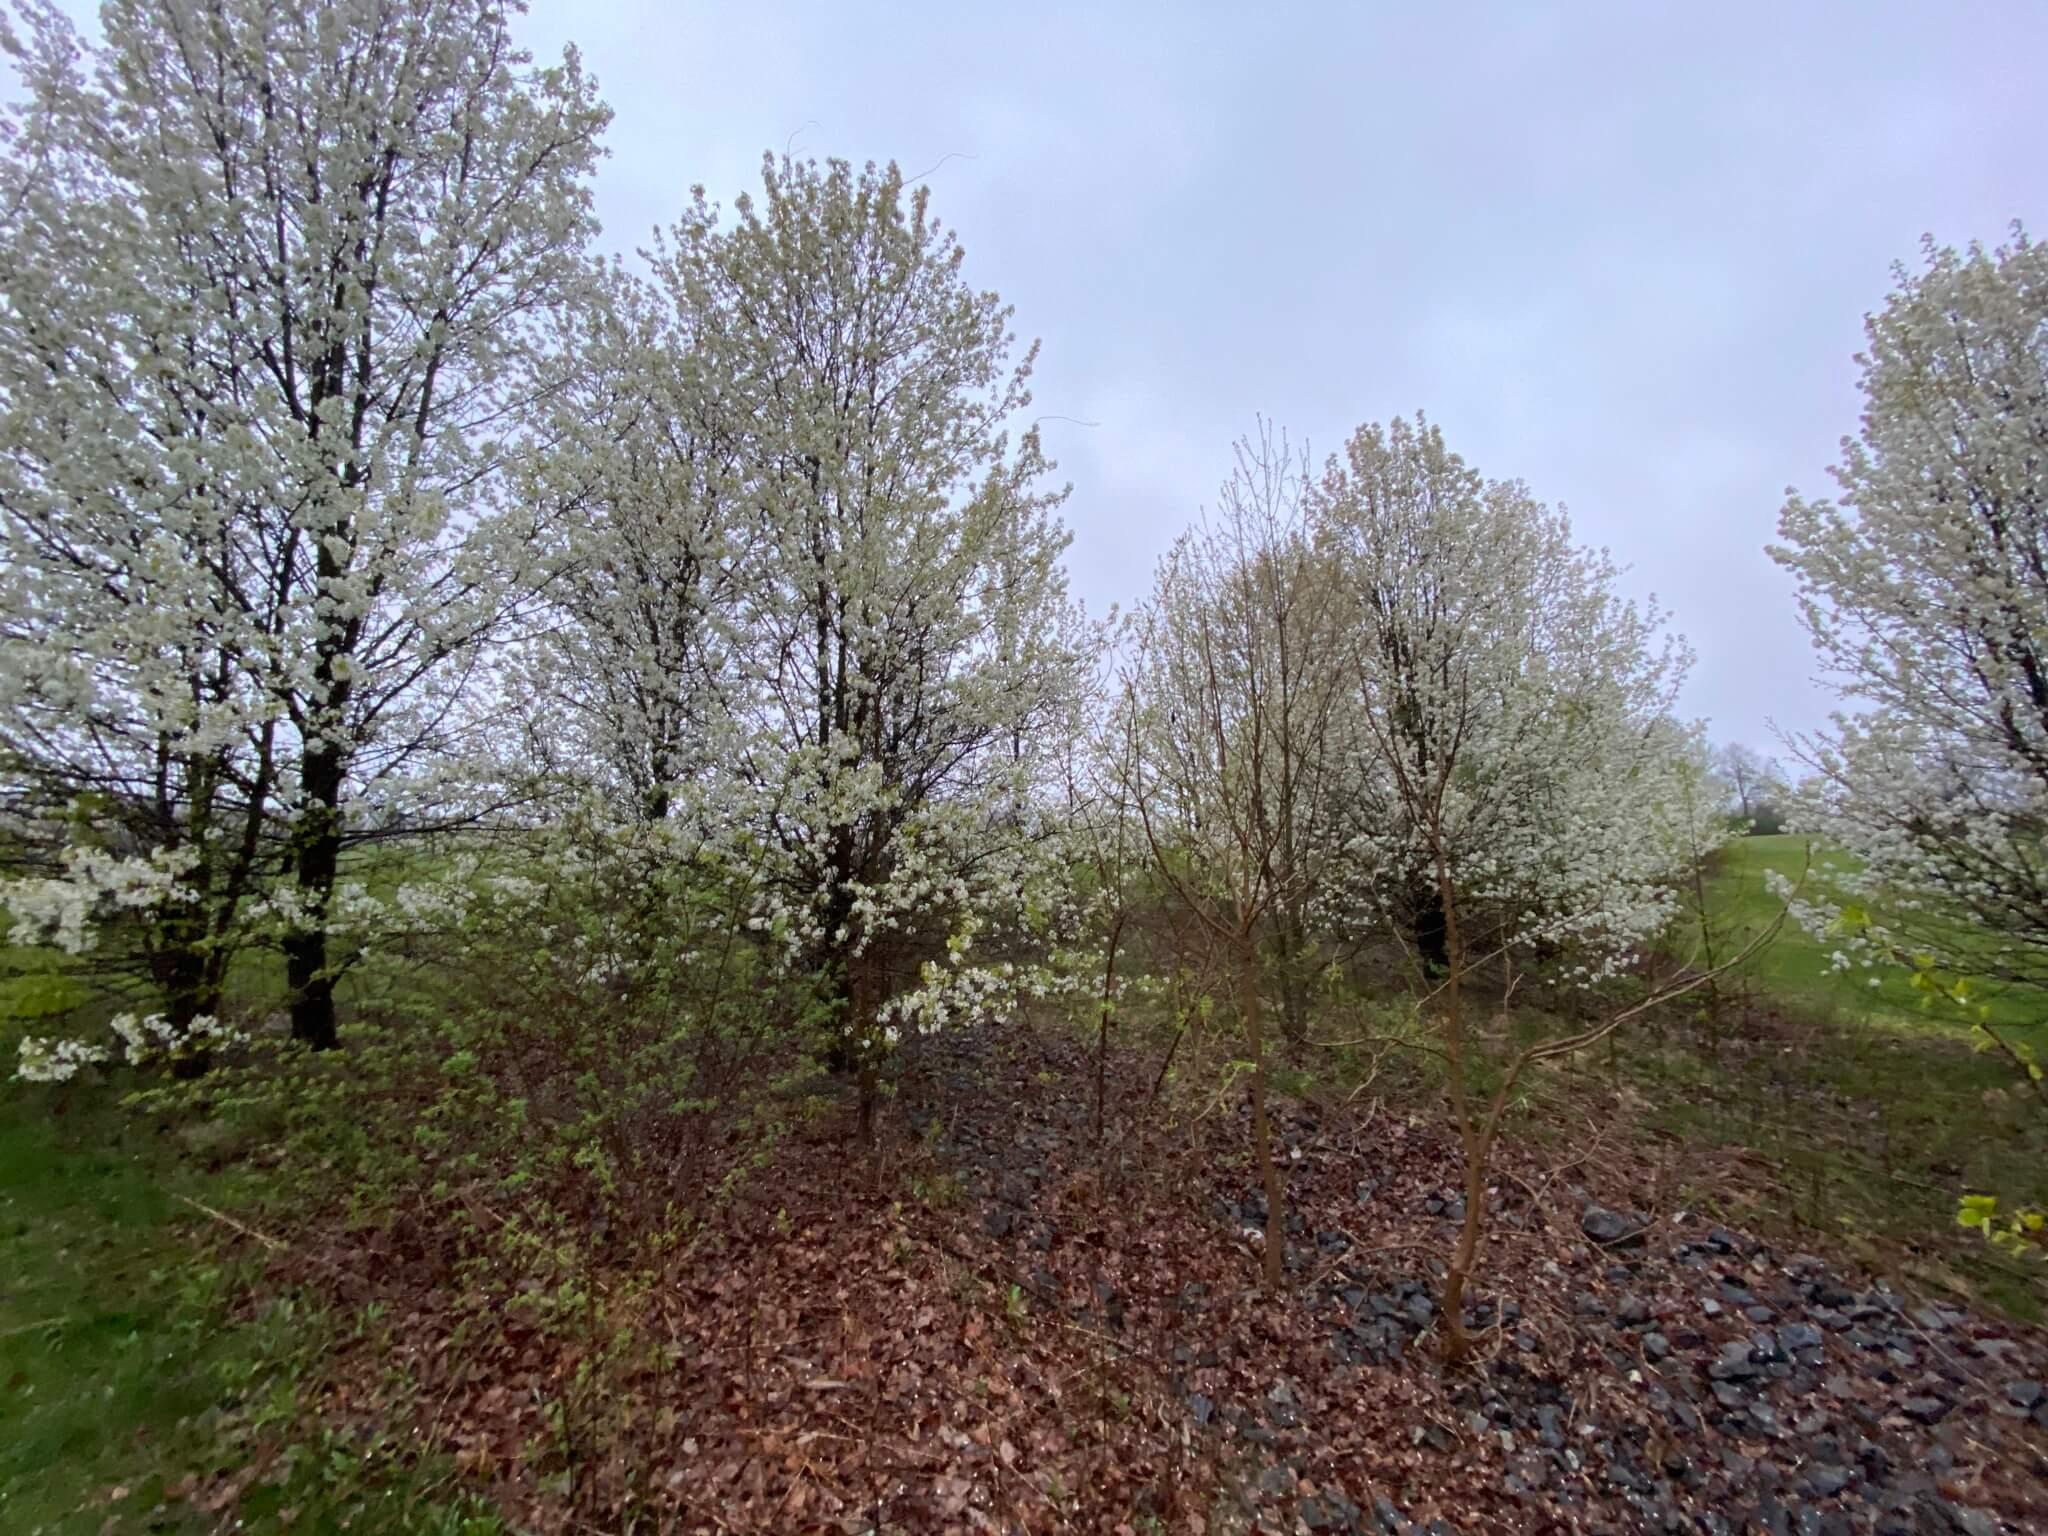 Trees at Circleville Park